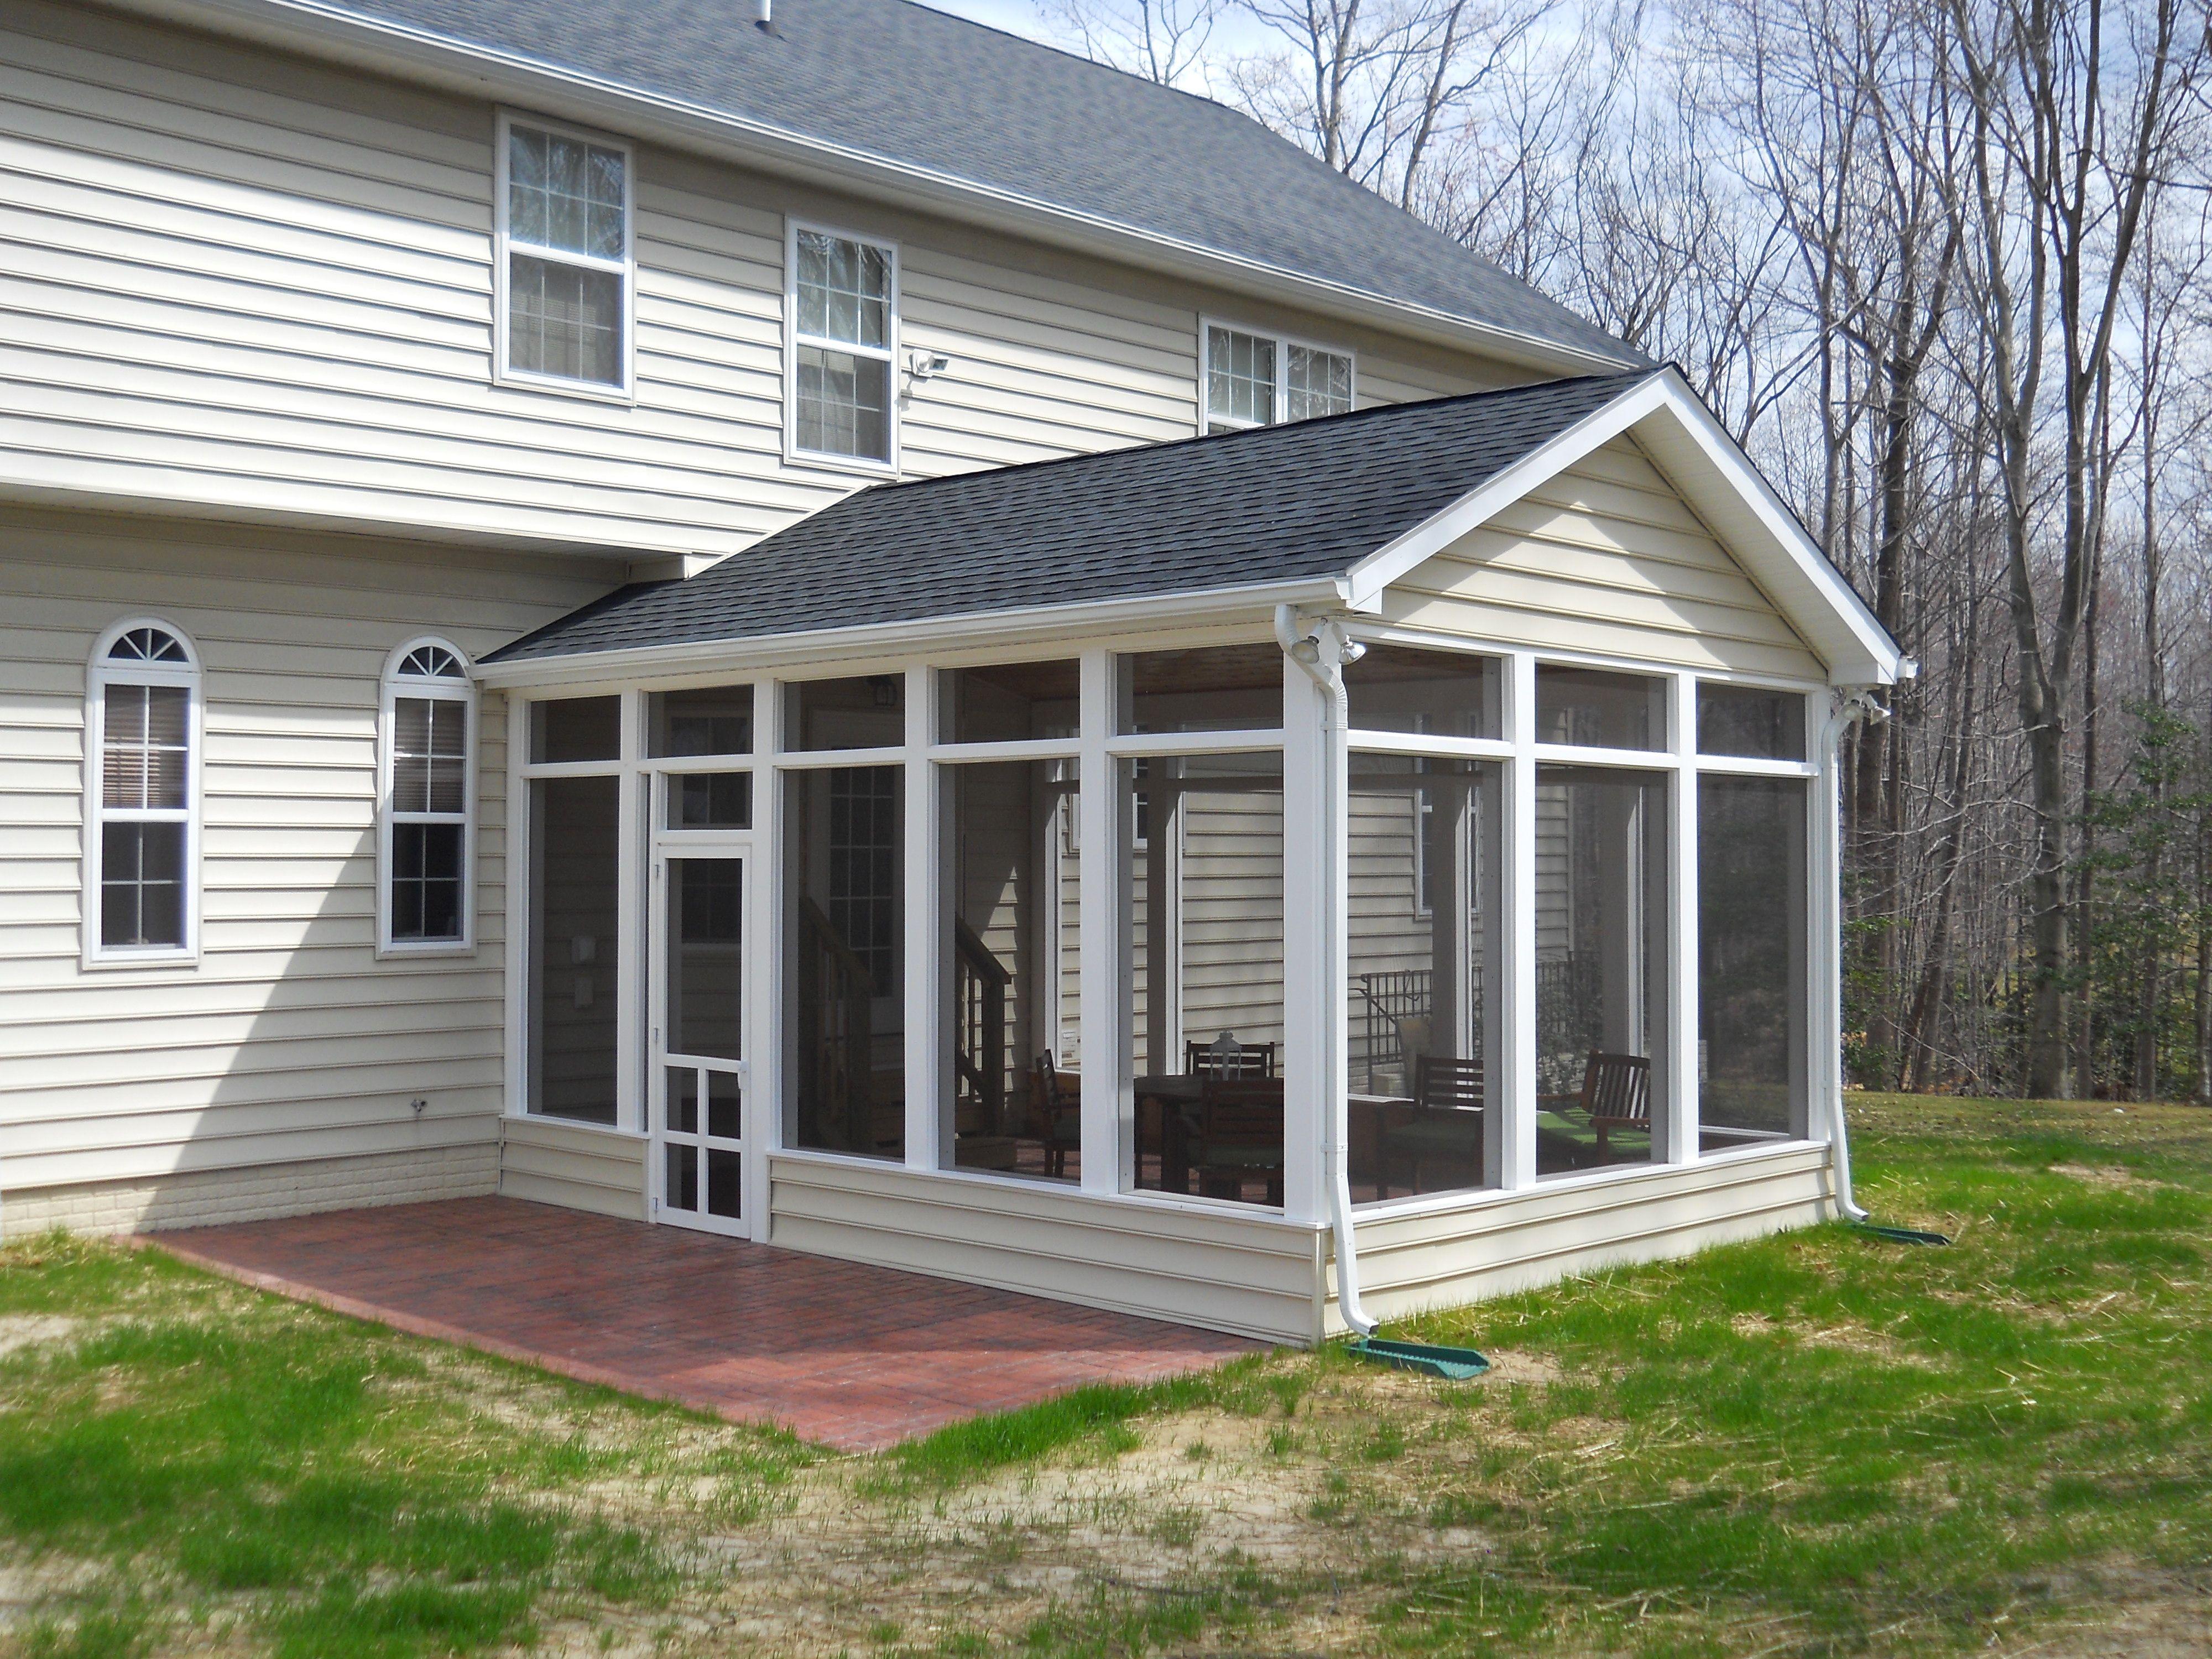 Roof Design Ideas: Sun Porch Design Ideas